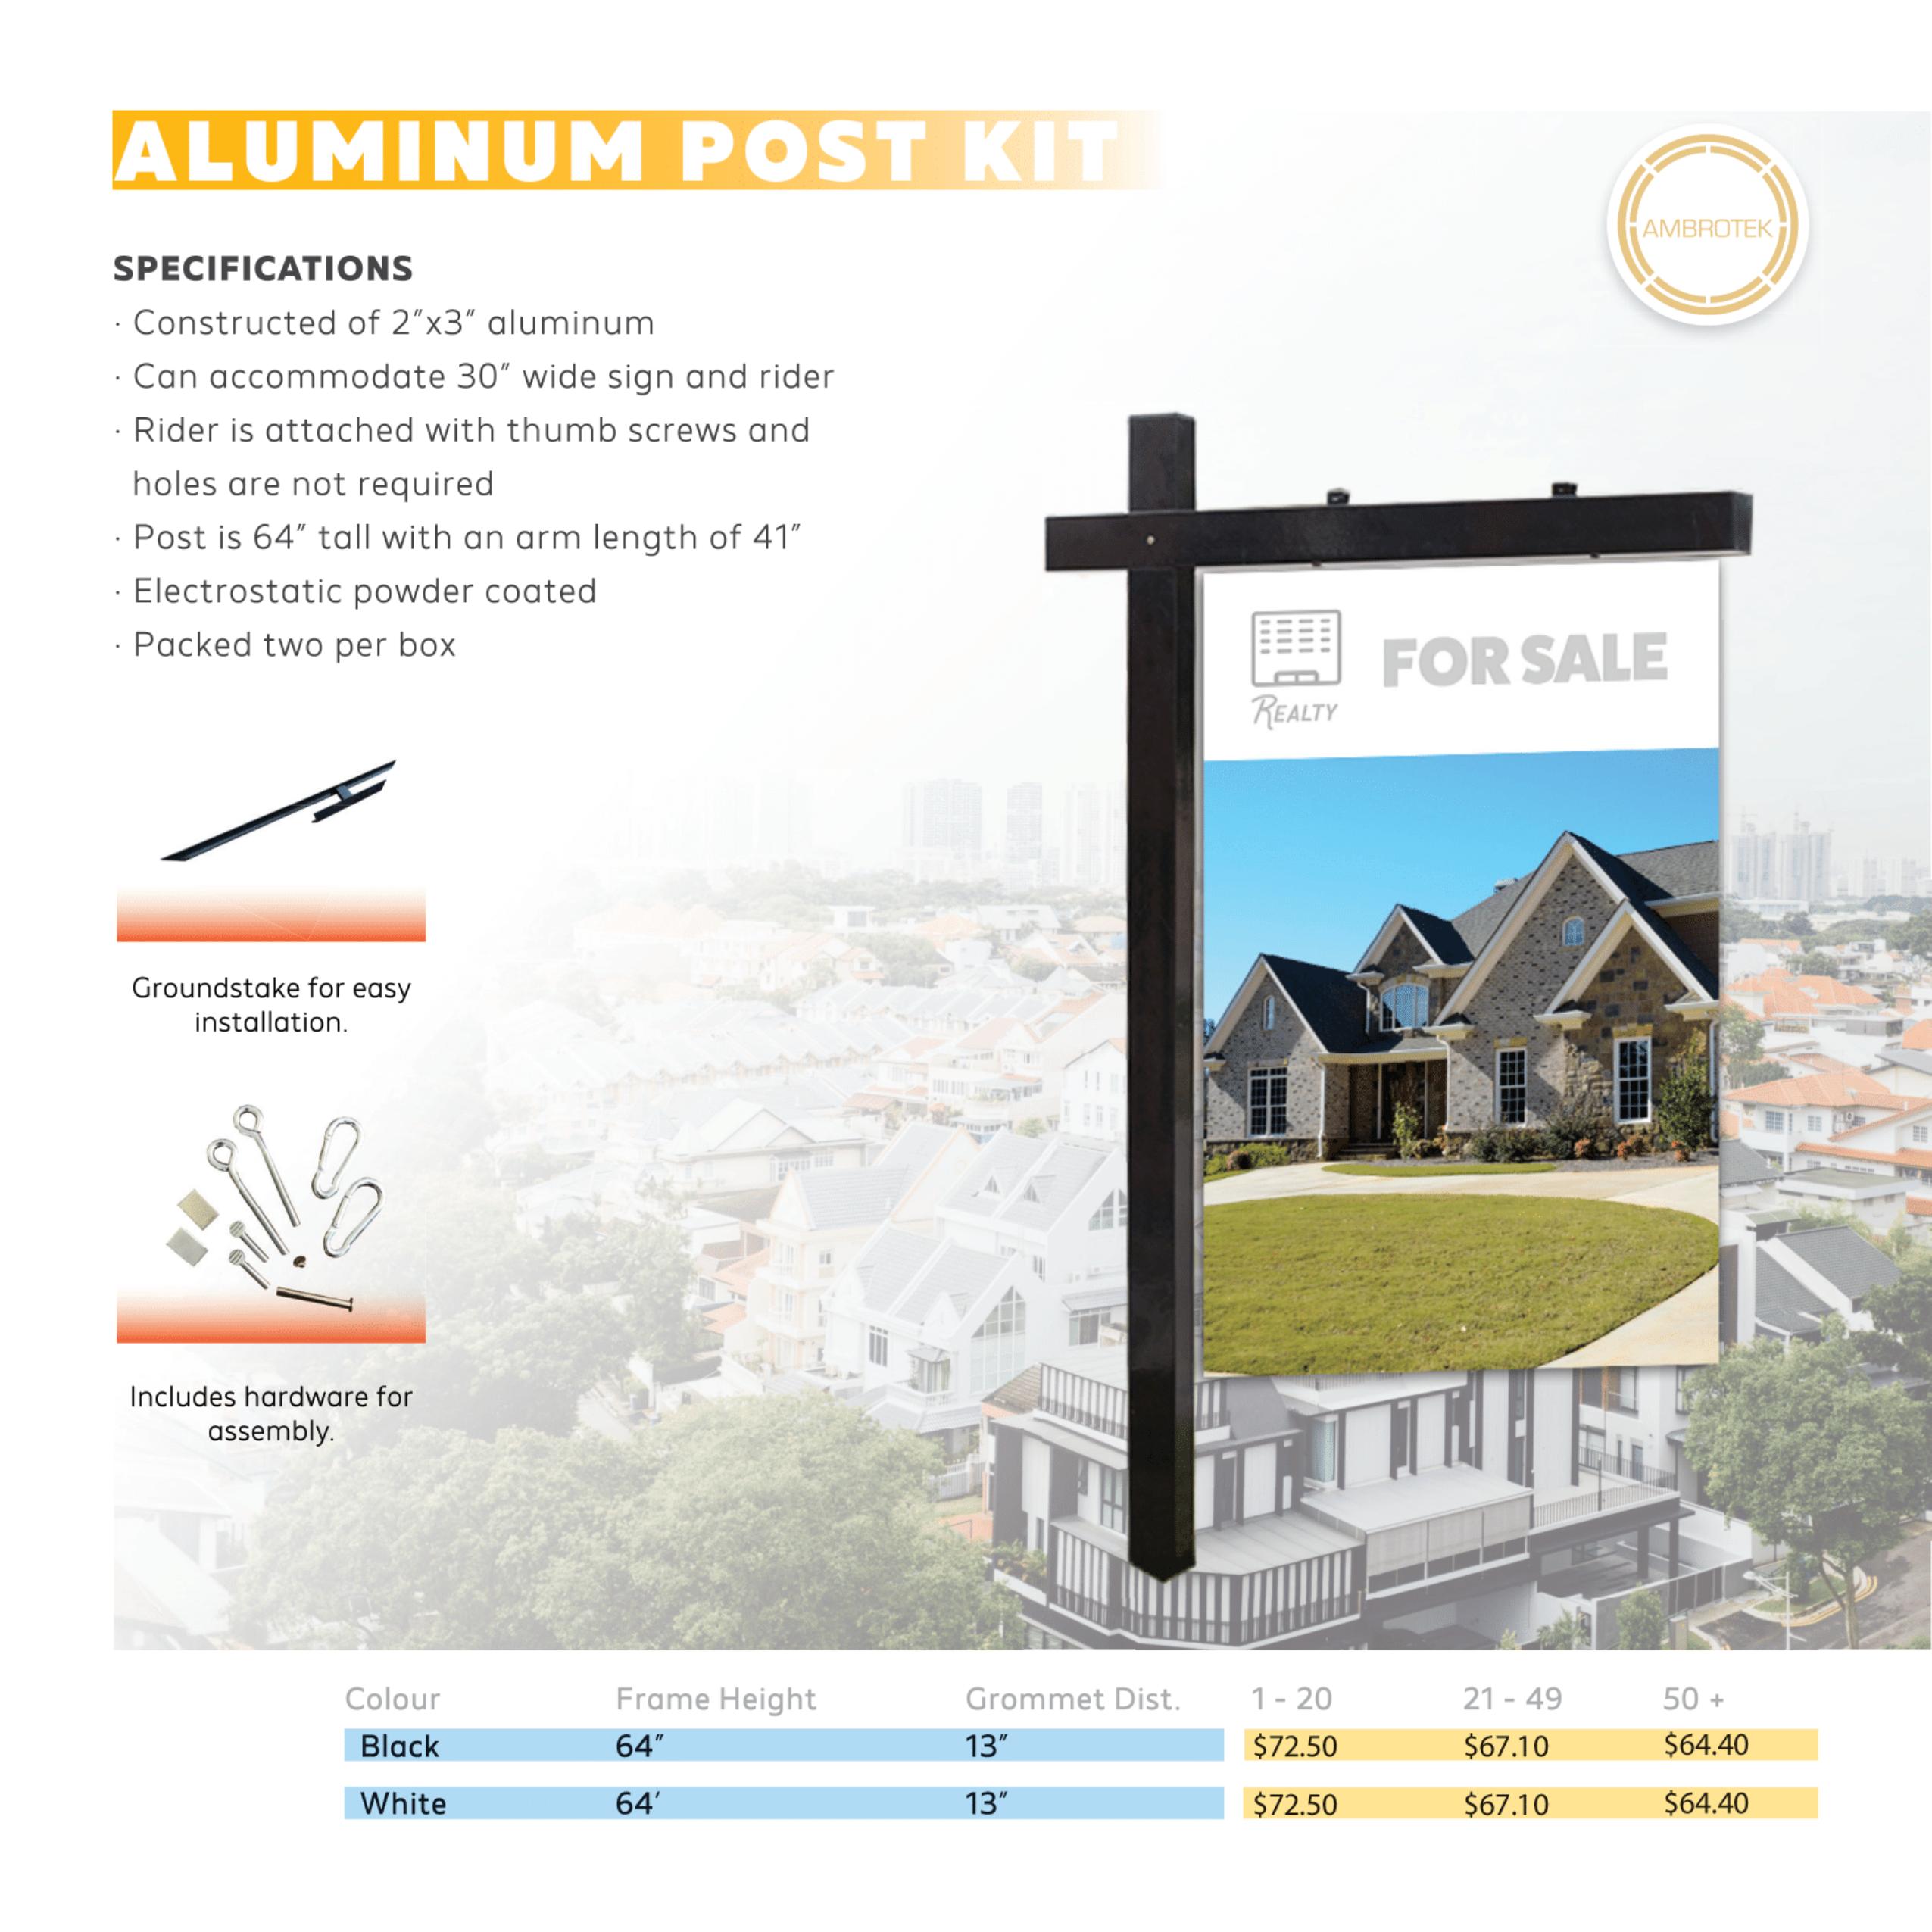 Aluminum Post Kit